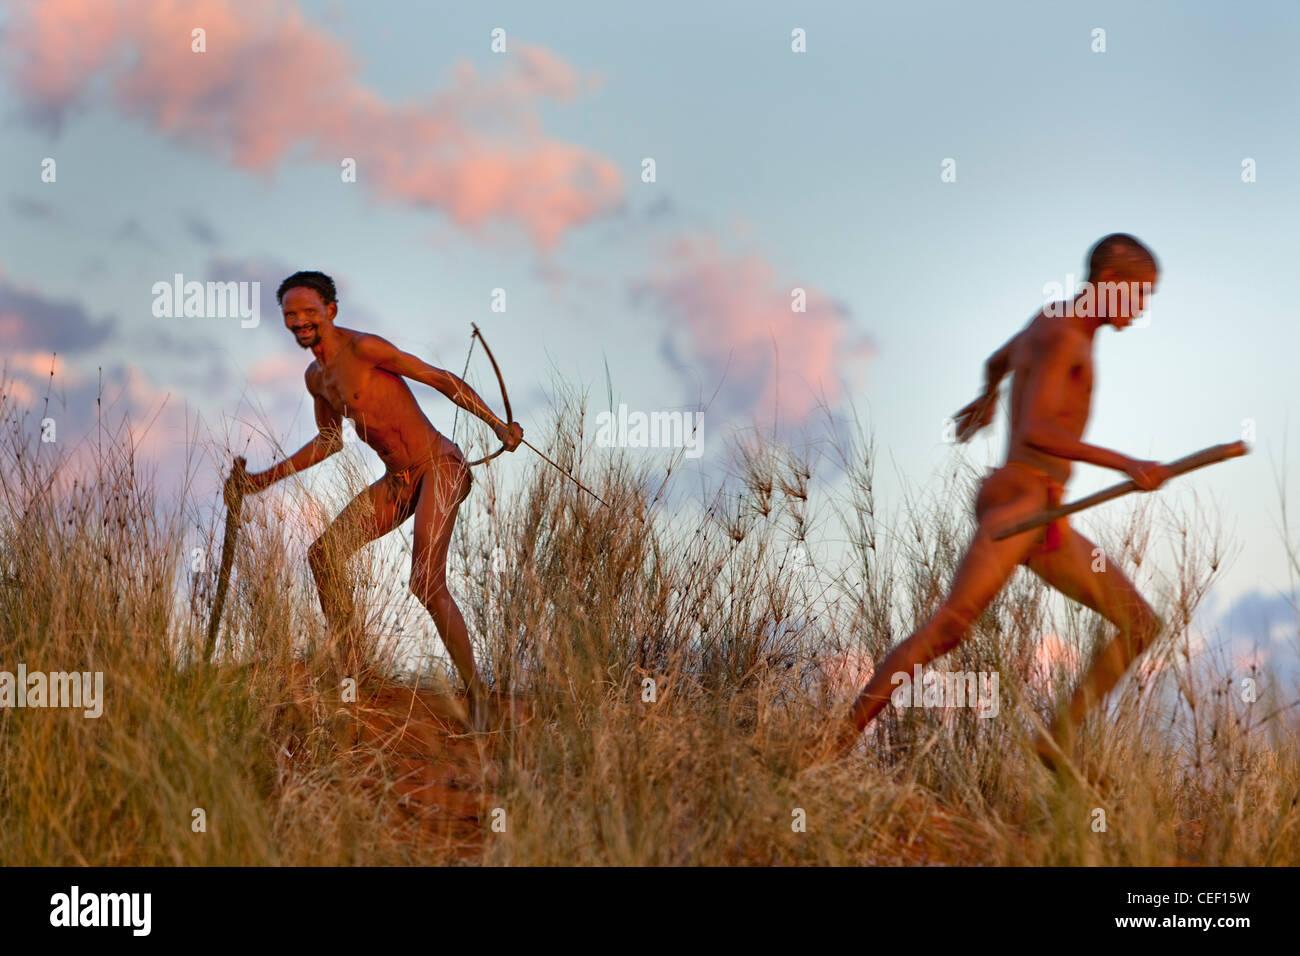 kalahari bushmen hunting - Stock Image